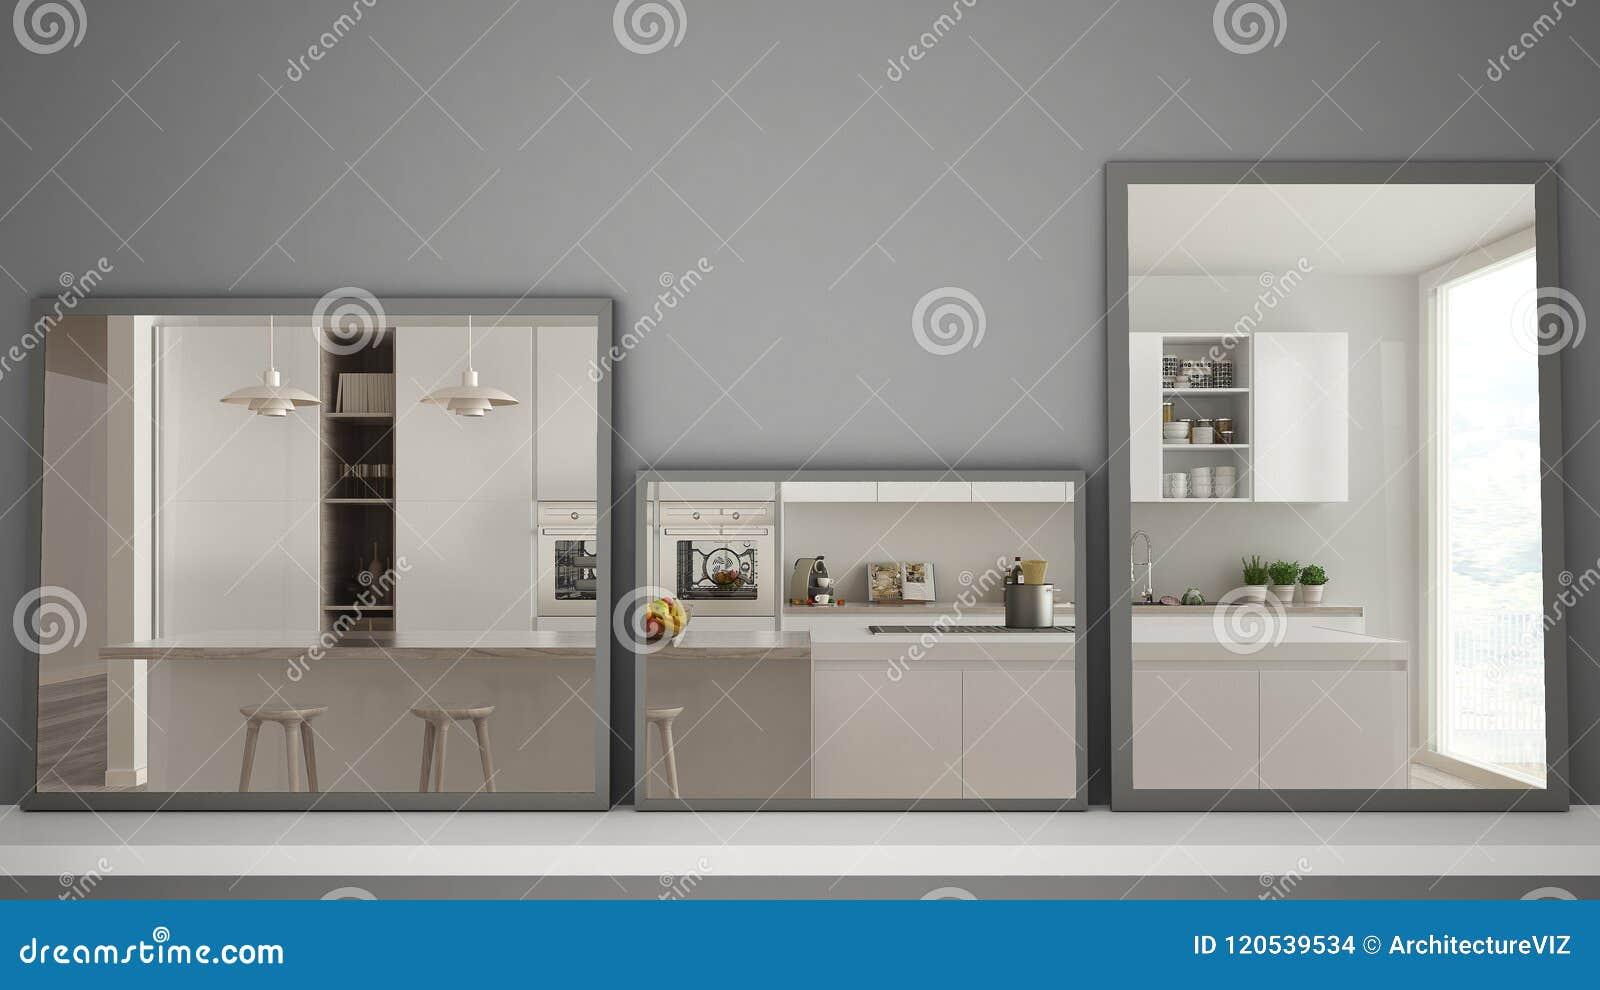 Trois Miroirs Modernes Sur Lu0027étagère Ou Le Bureau Reflétant La Scène De  Conception Intérieure, Cuisine Moderne Contemporaine, Conception Intérieure  ...